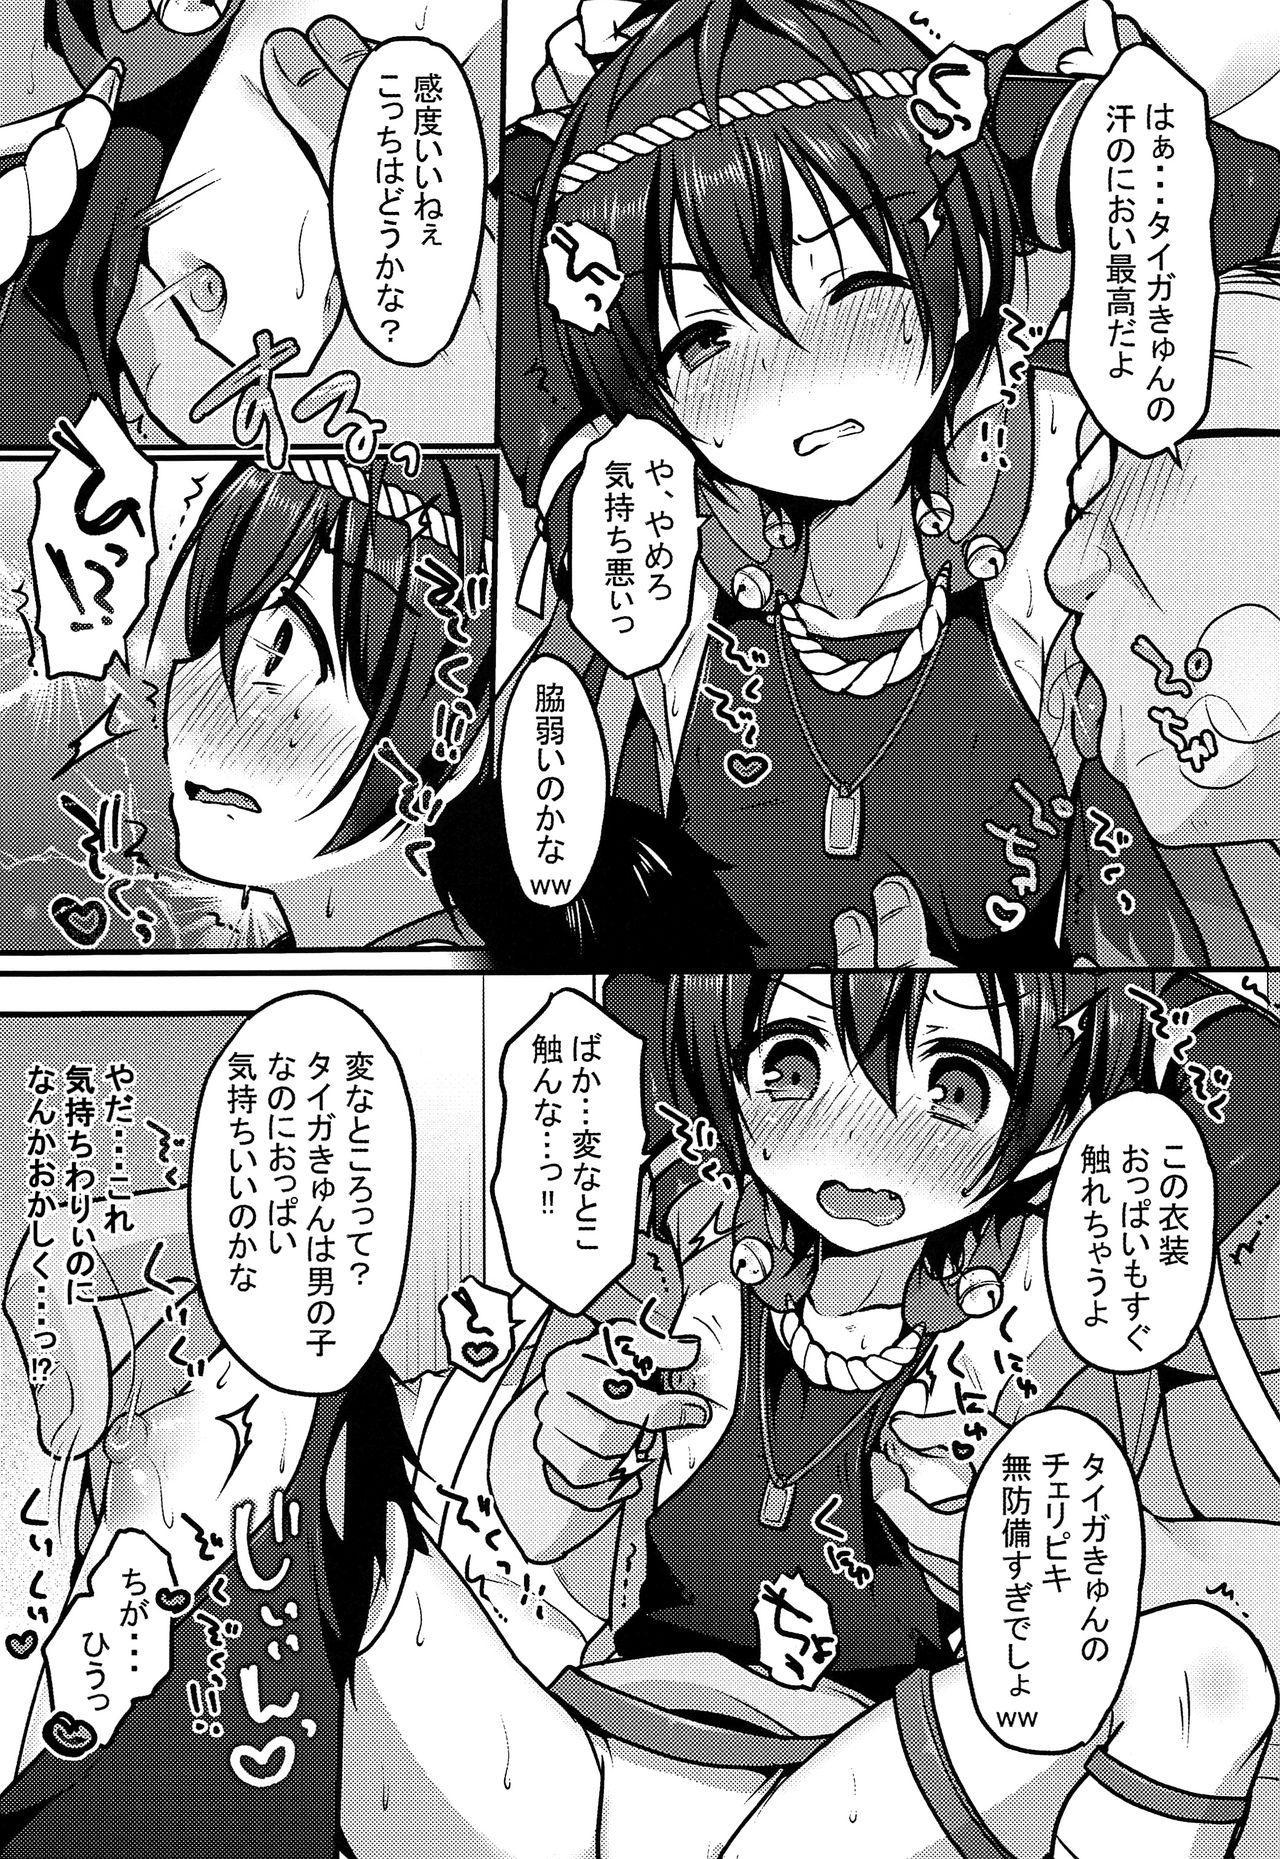 Manatsu no Yoru no ×× Dream 3